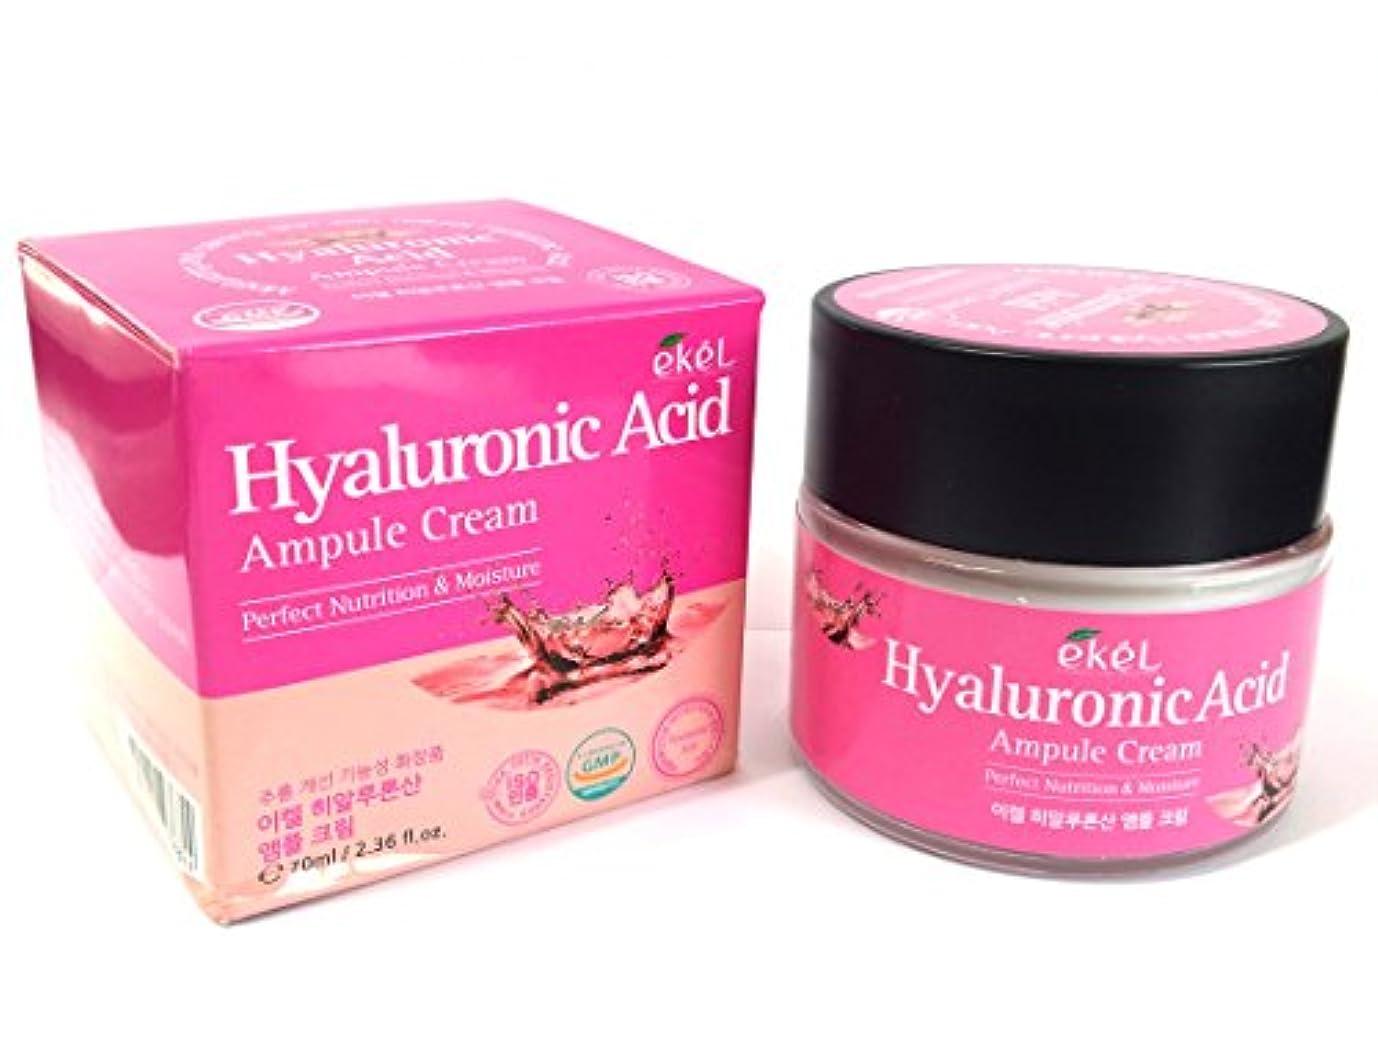 チャレンジ晩餐犯す[EKEL] ヒアルロン酸アンプルクリーム70ml / 完璧な栄養と水分 / 韓国化粧品/ Hyaluronic Acid Ampule Cream 70ml / Perfect Nutrition & Moisture / Korean Cosmetics [並行輸入品]